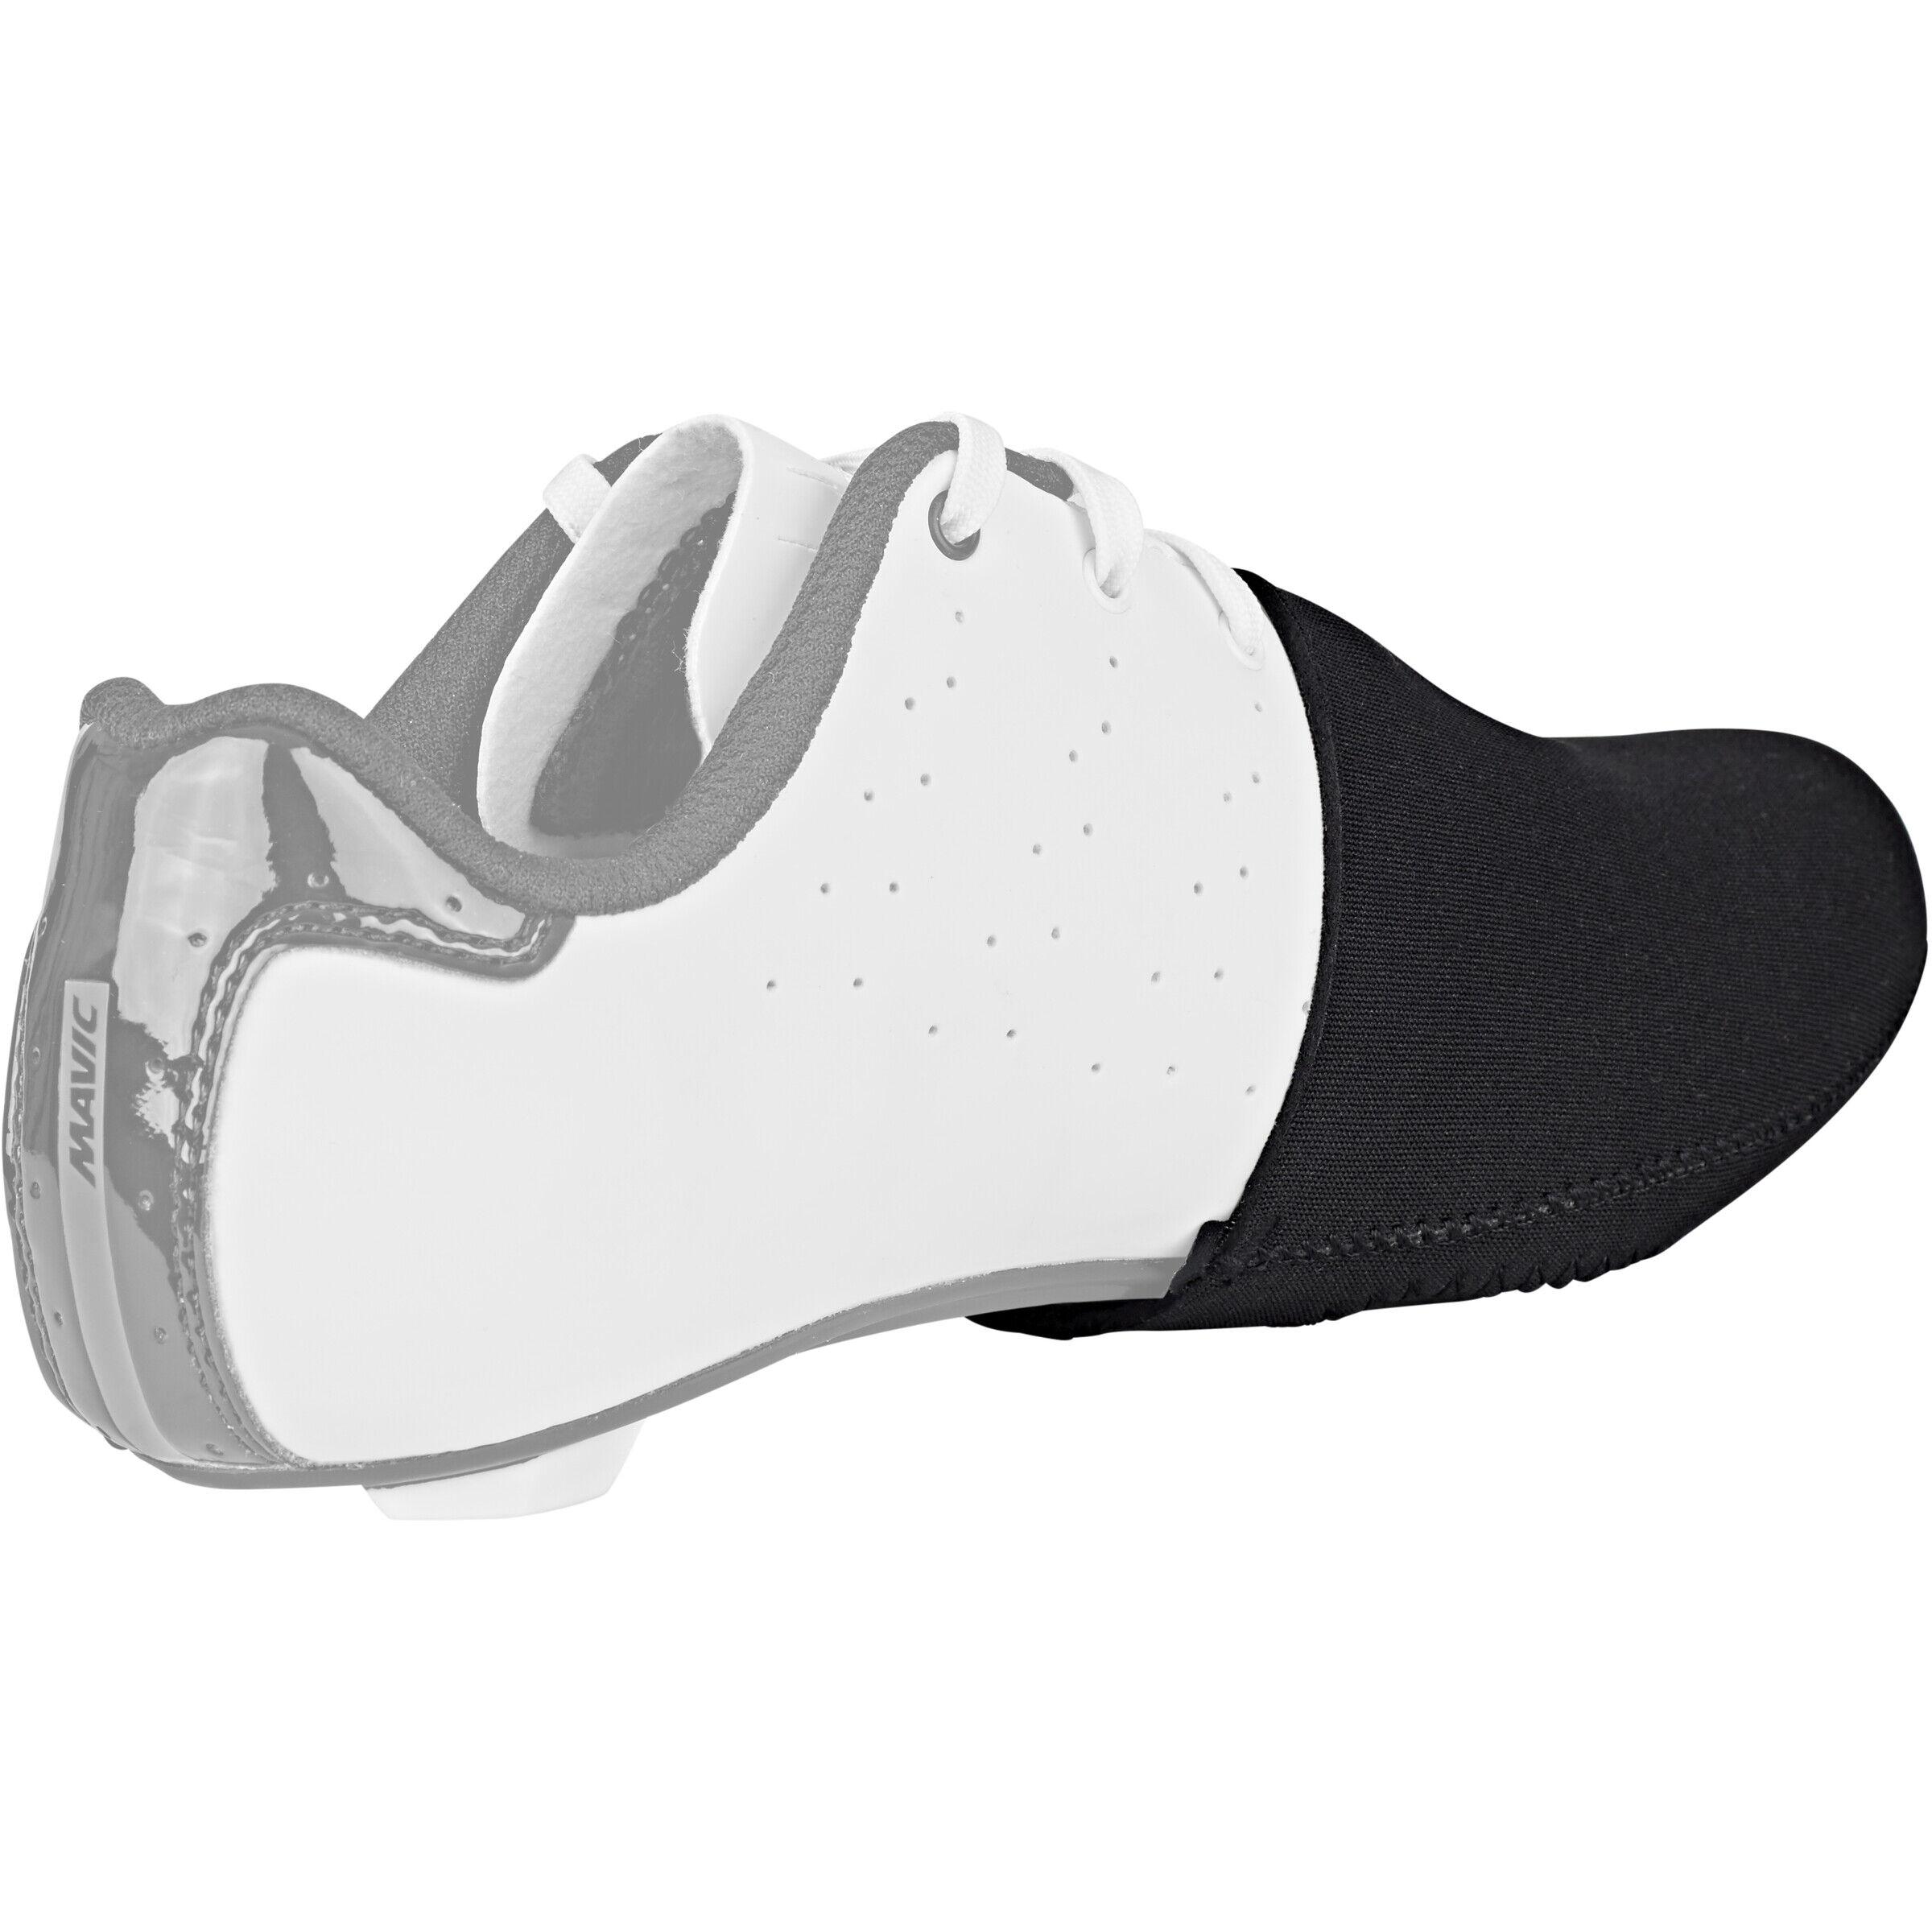 POC 1 Paar AVIP TOE CAP Zehenkappe Überschuhe schwarz